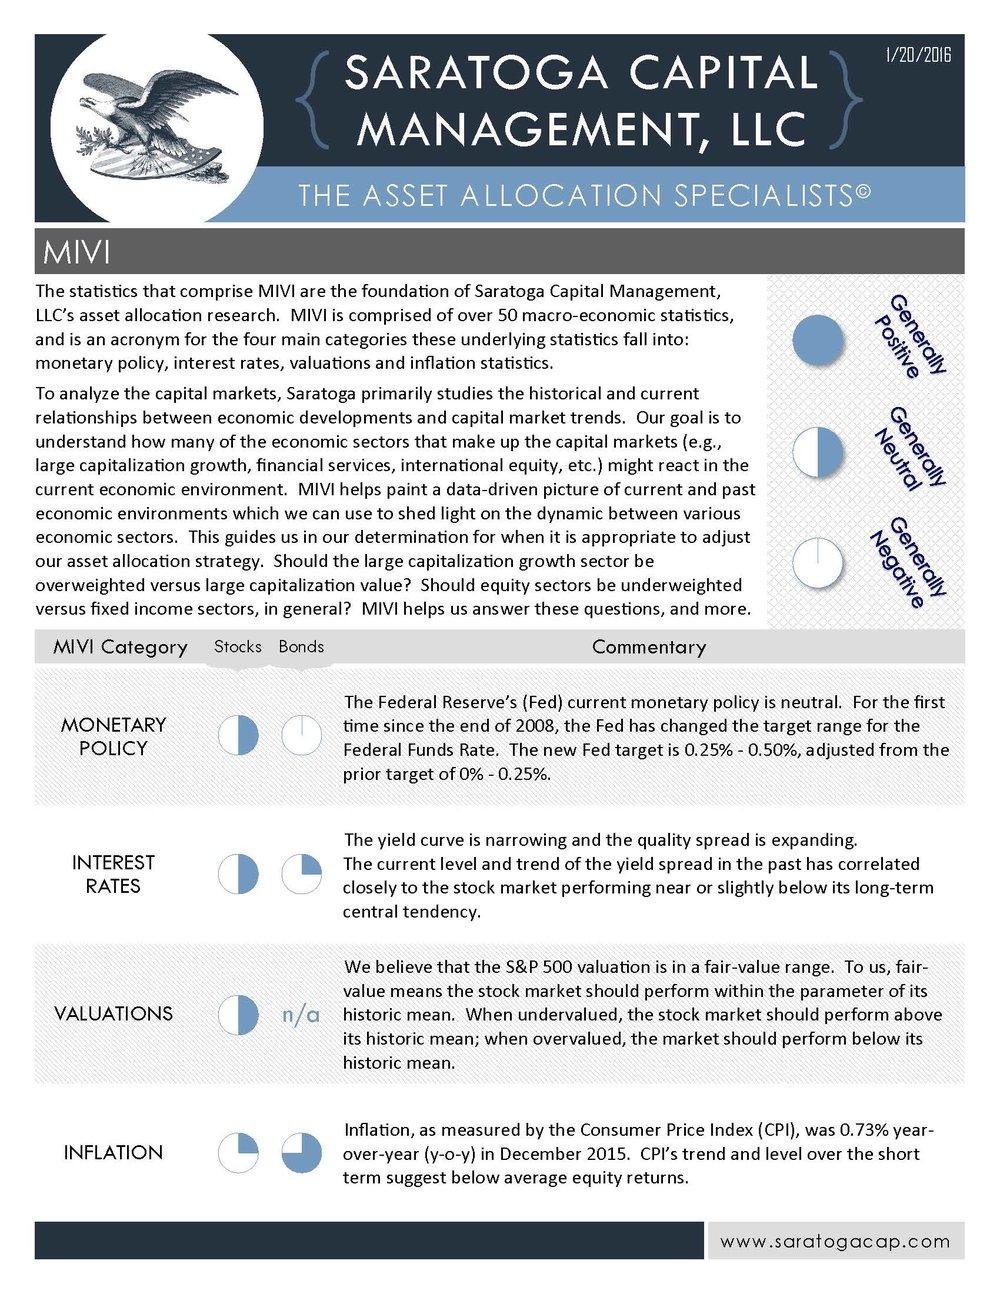 MIVI Factsheet -